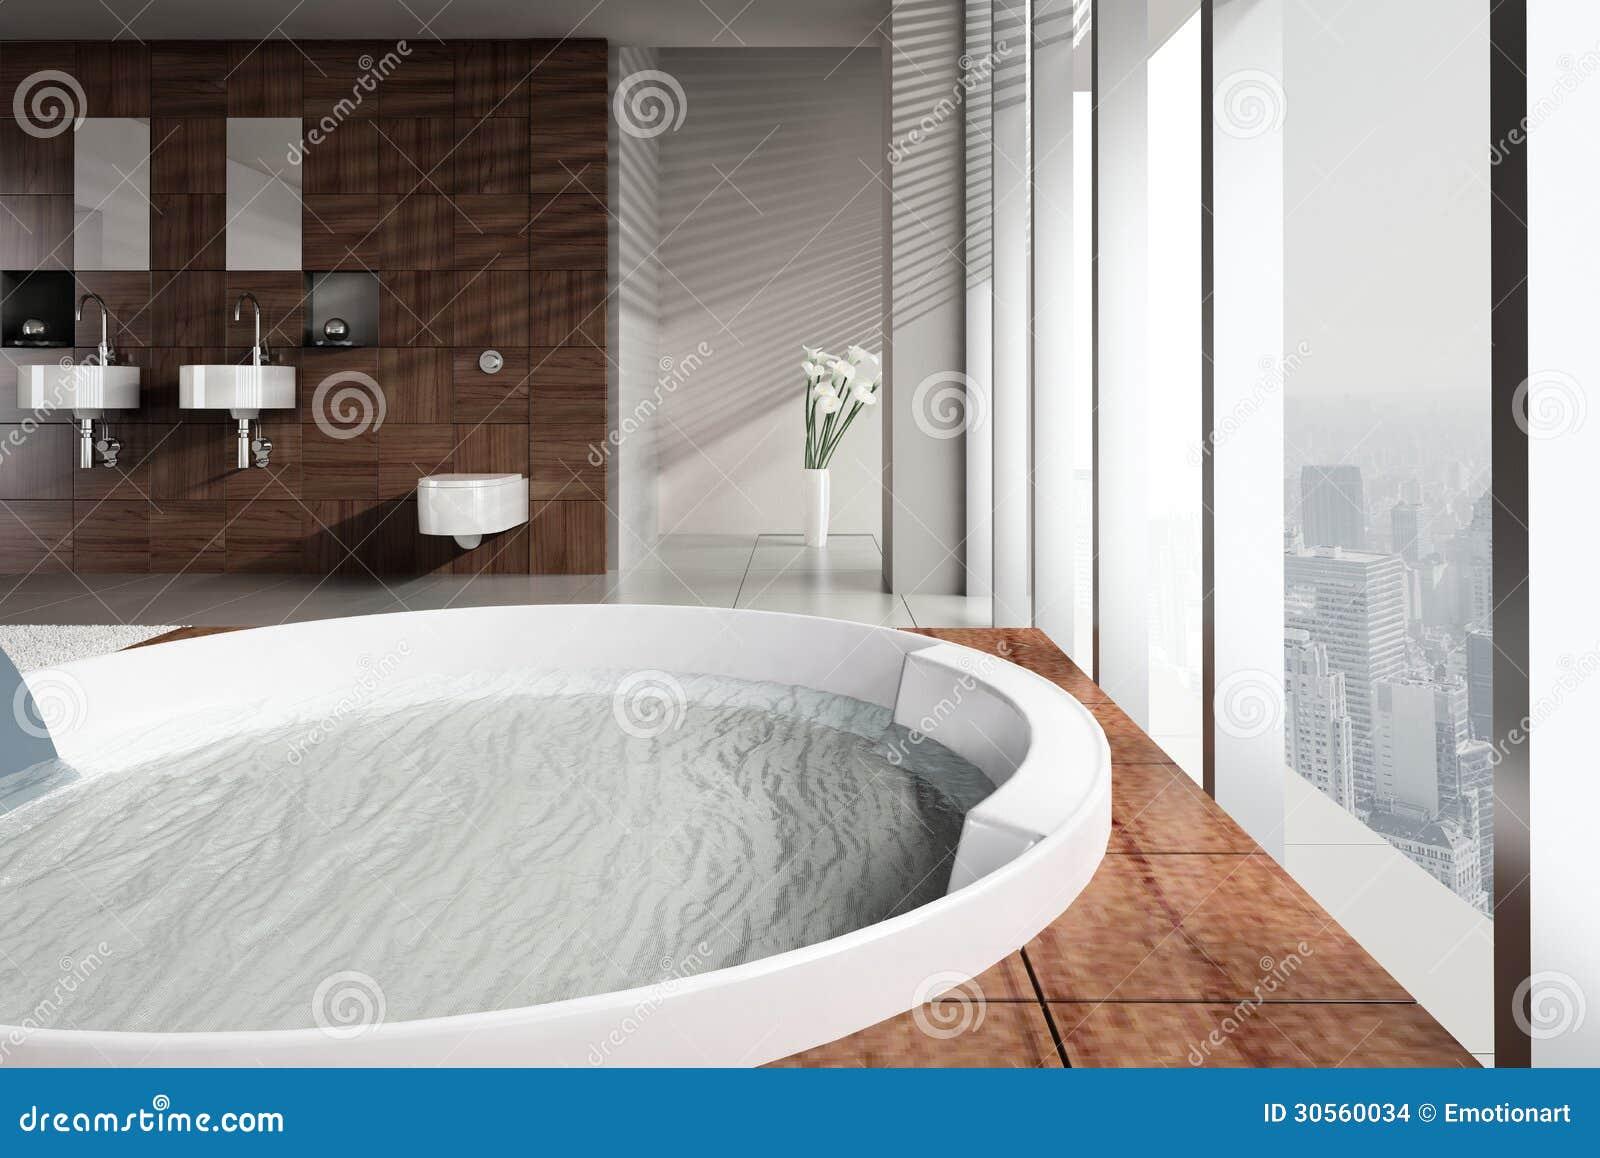 salle de bains de luxe avec le jacuzzi photos 174 salle de bains - Salle De Bain De Luxe Avec Jacuzzi